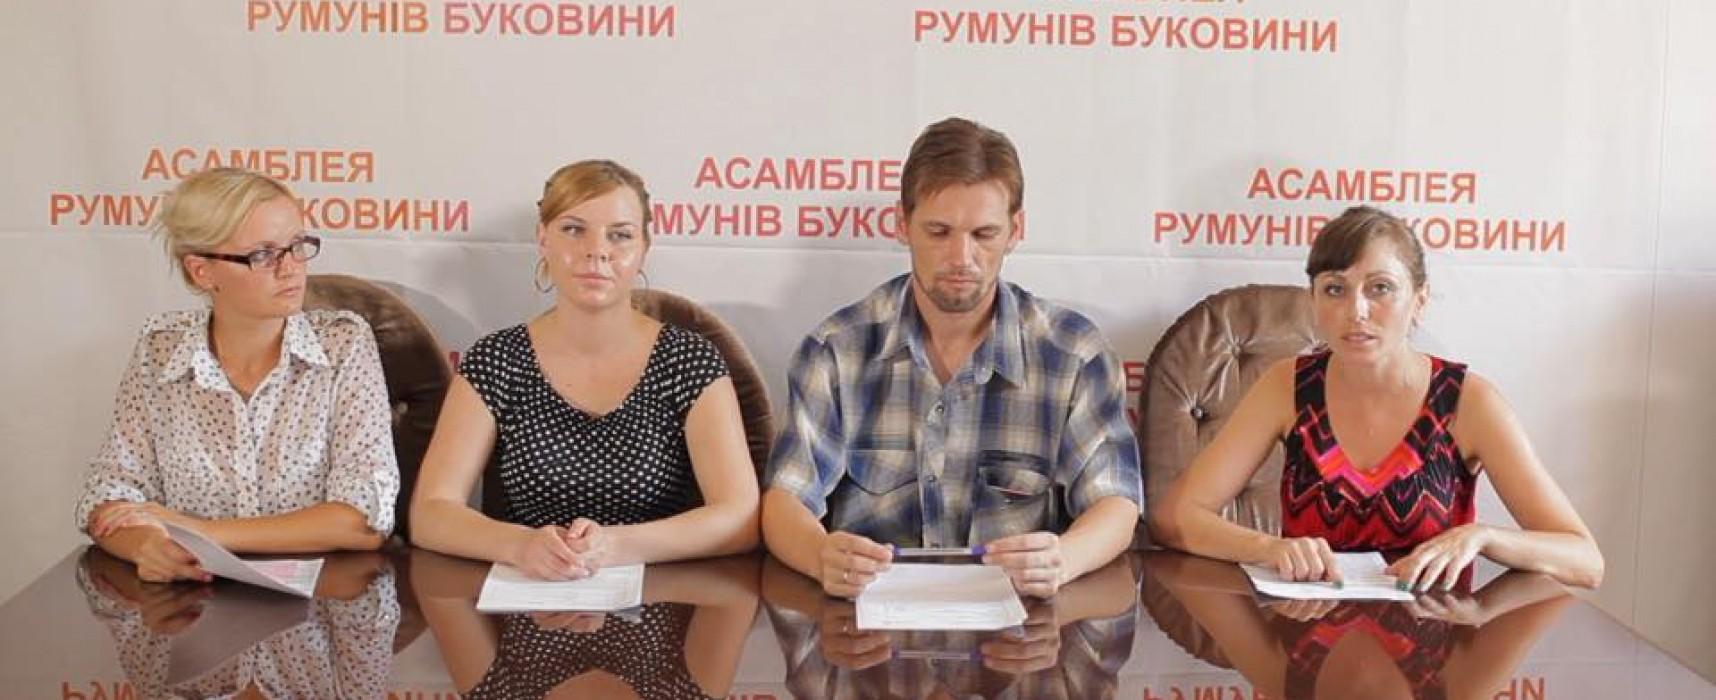 Фейк: румънците в Буковина искат автономия